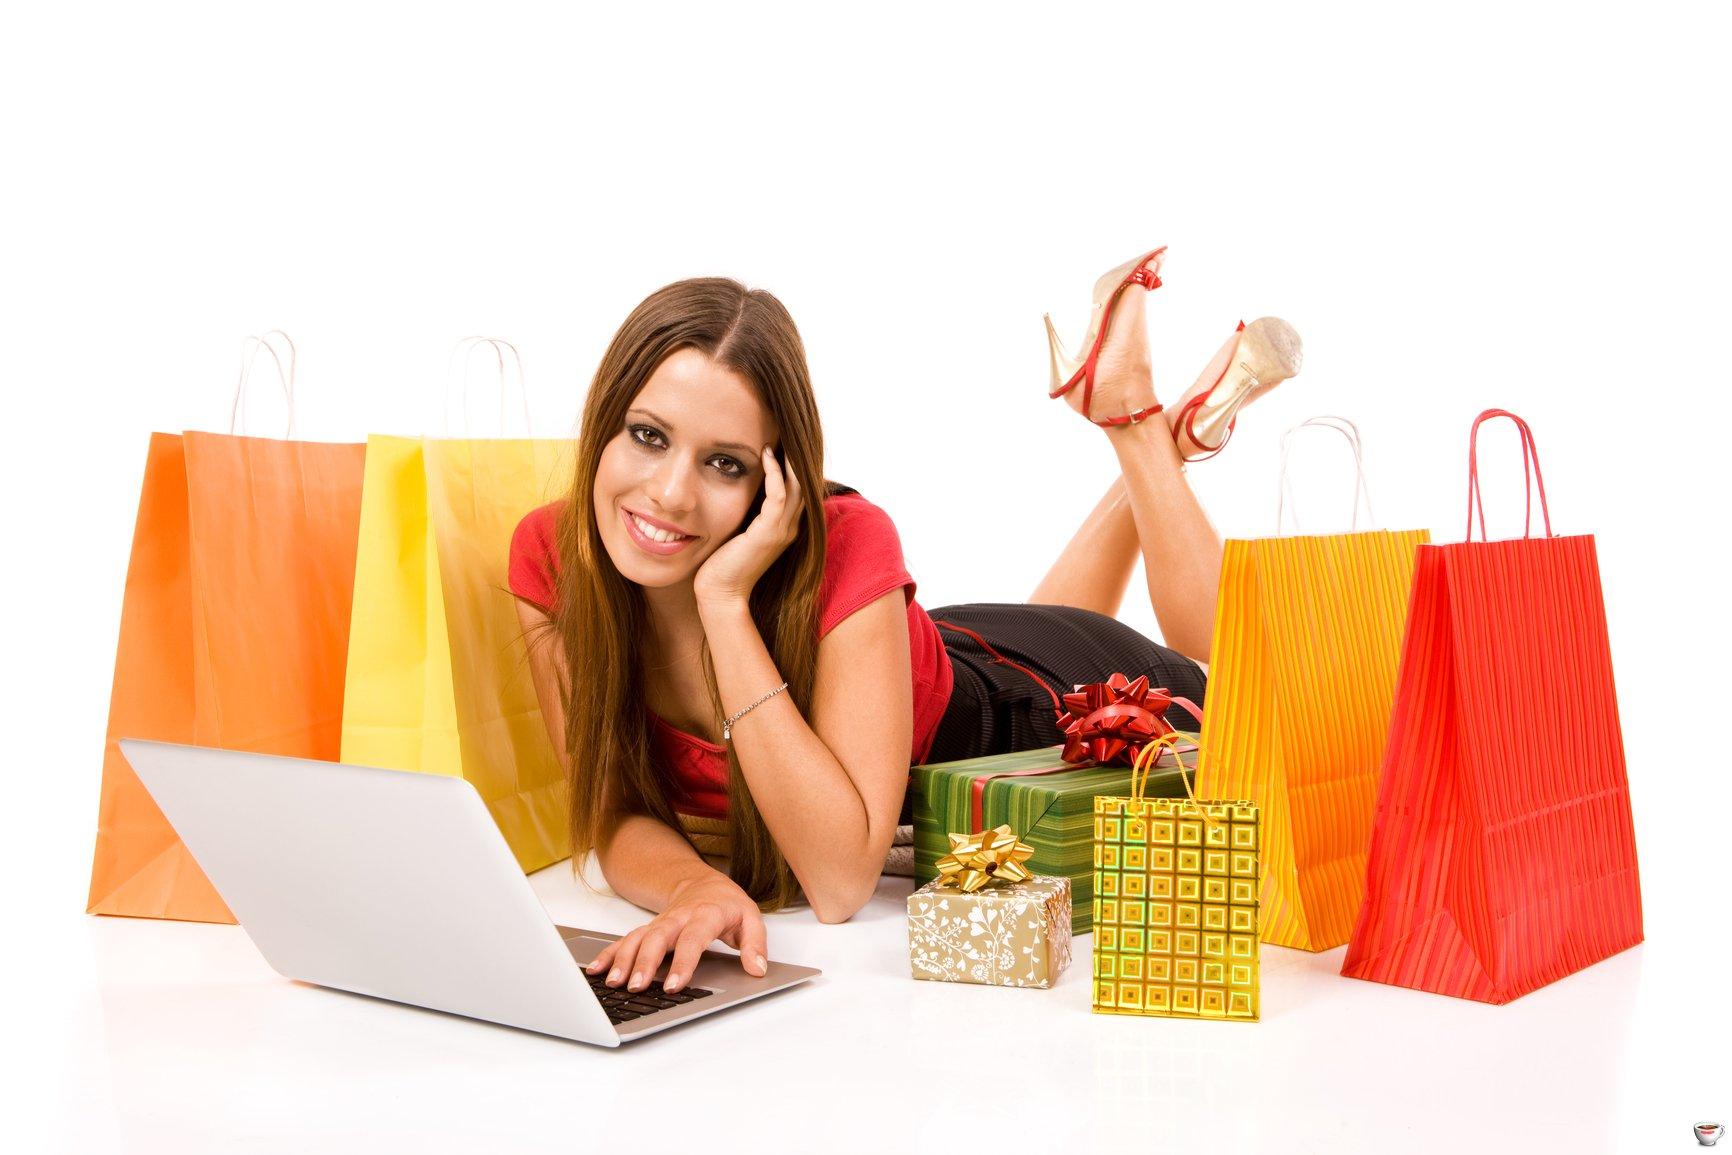 Популярный бизнес: открываем свой интернет-магазин одежды